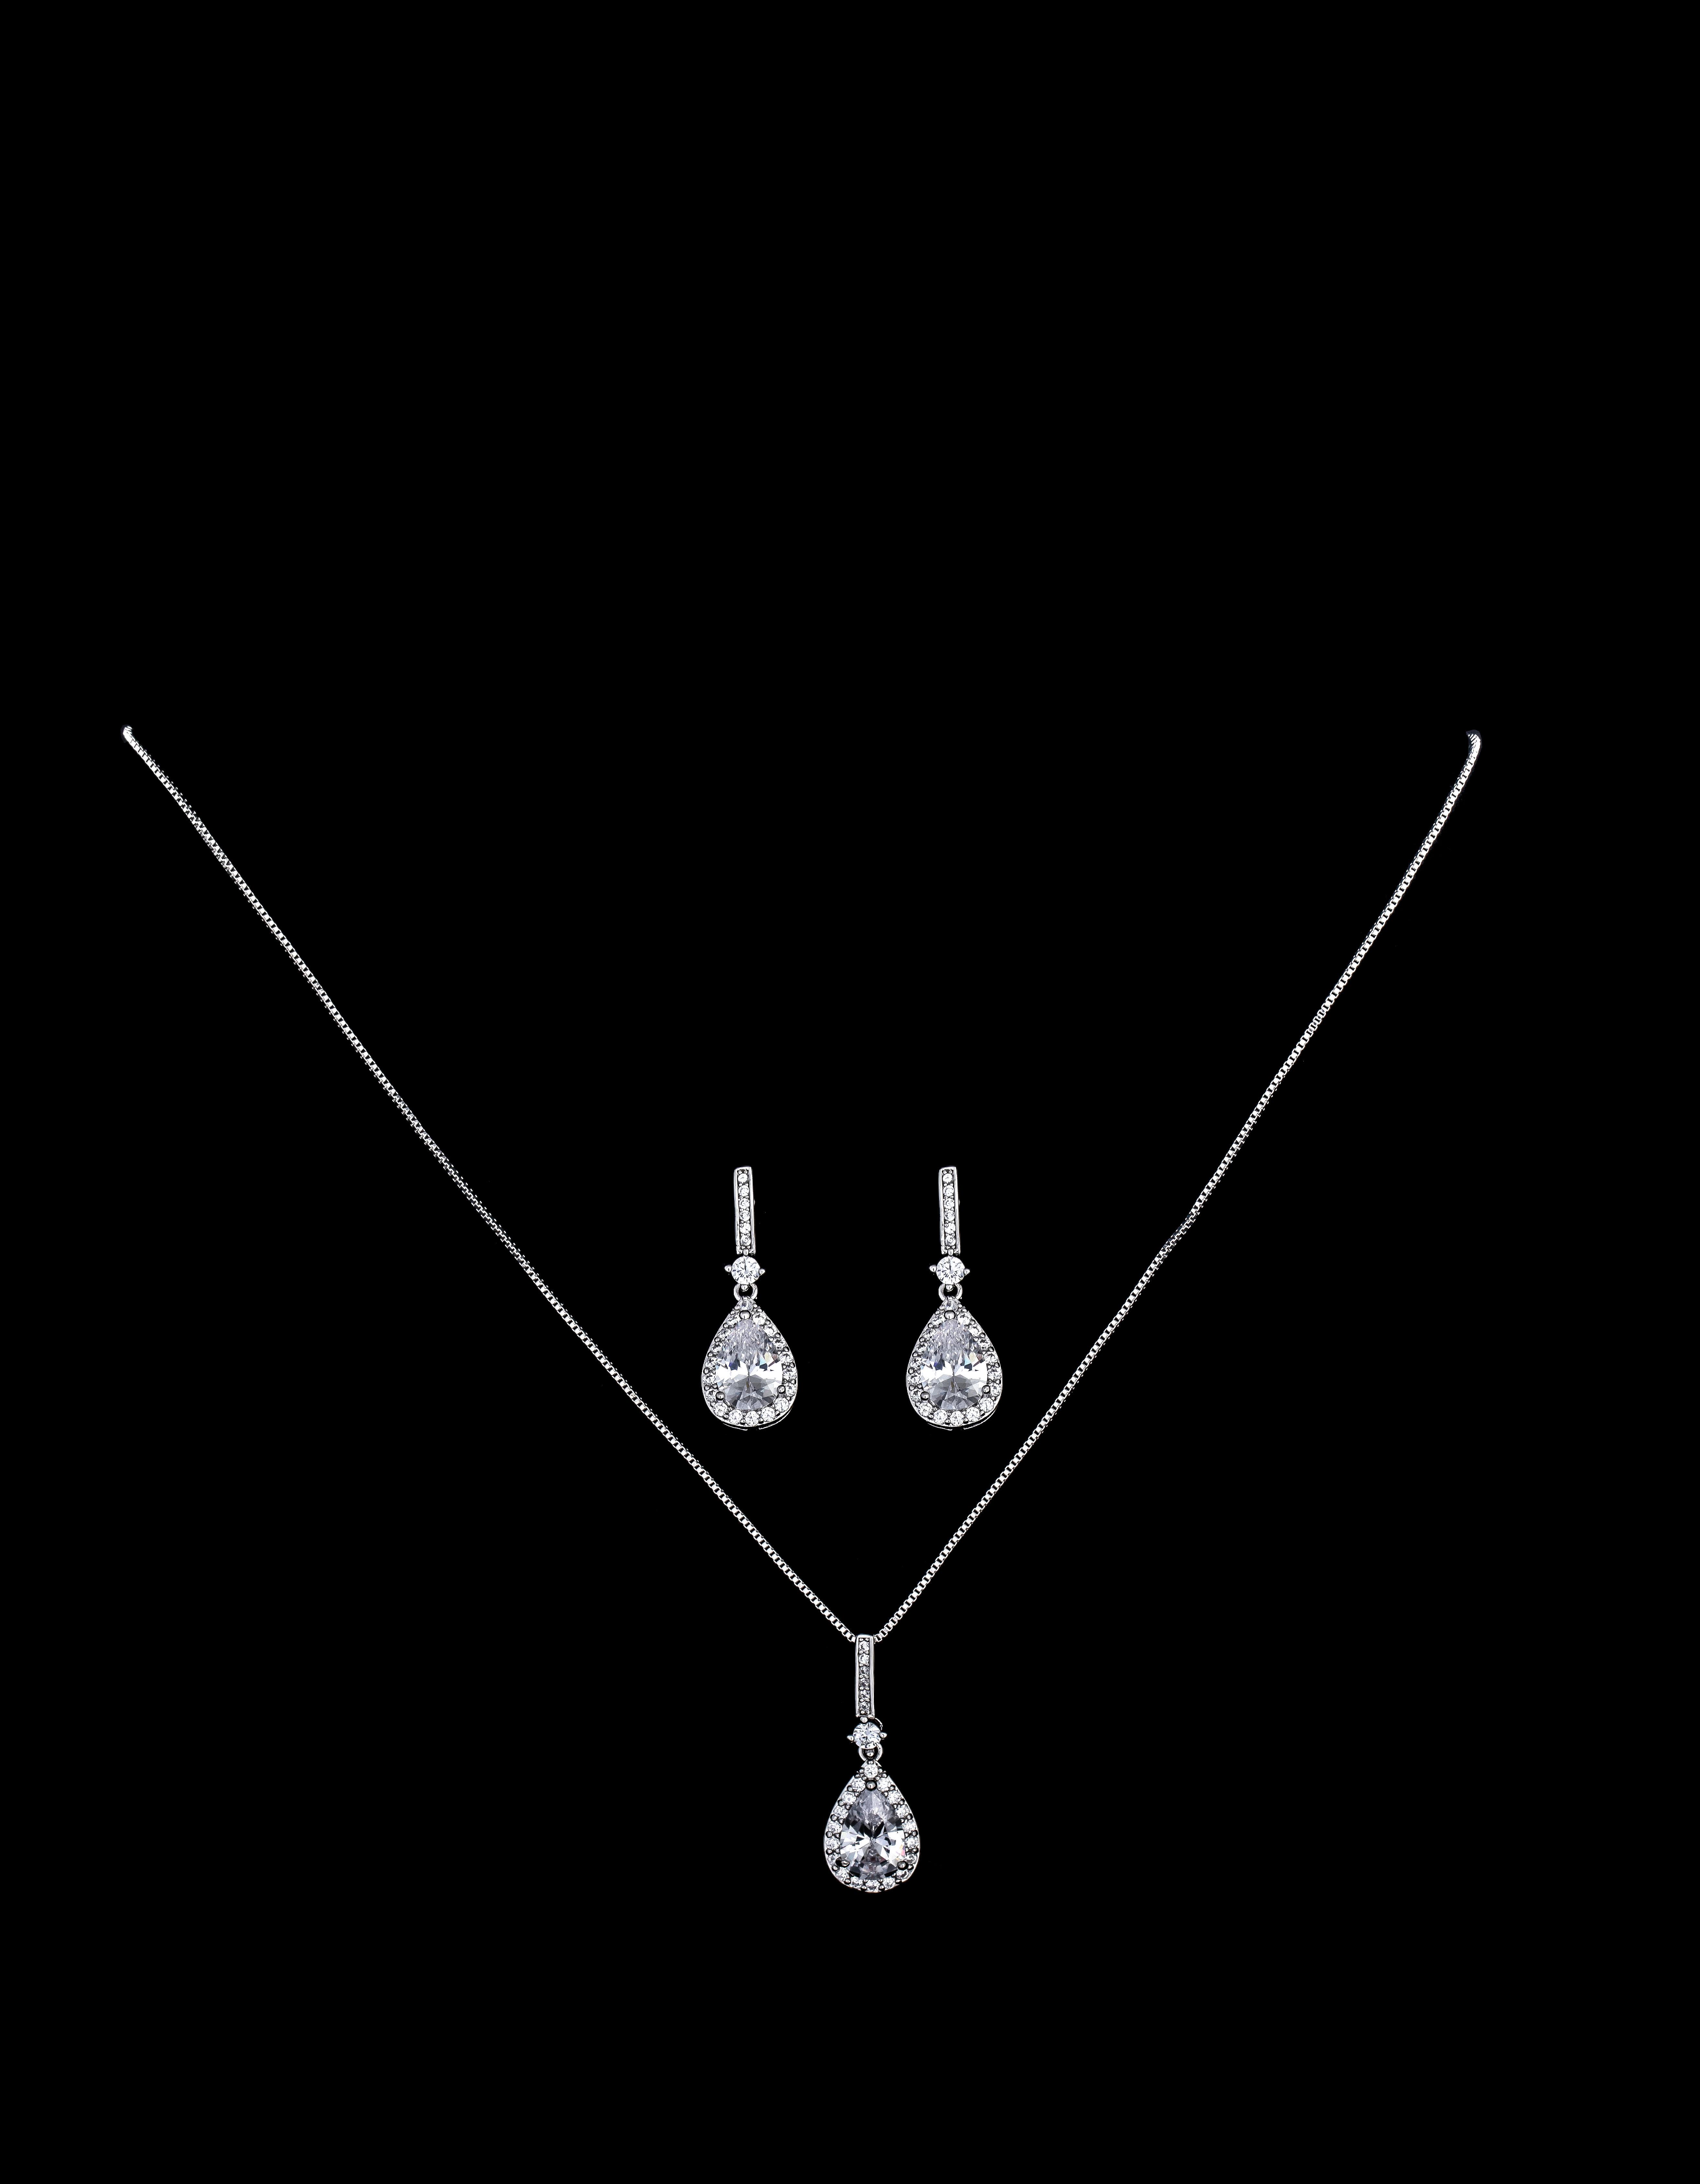 Bridal Classics Necklace Sets CZ-896